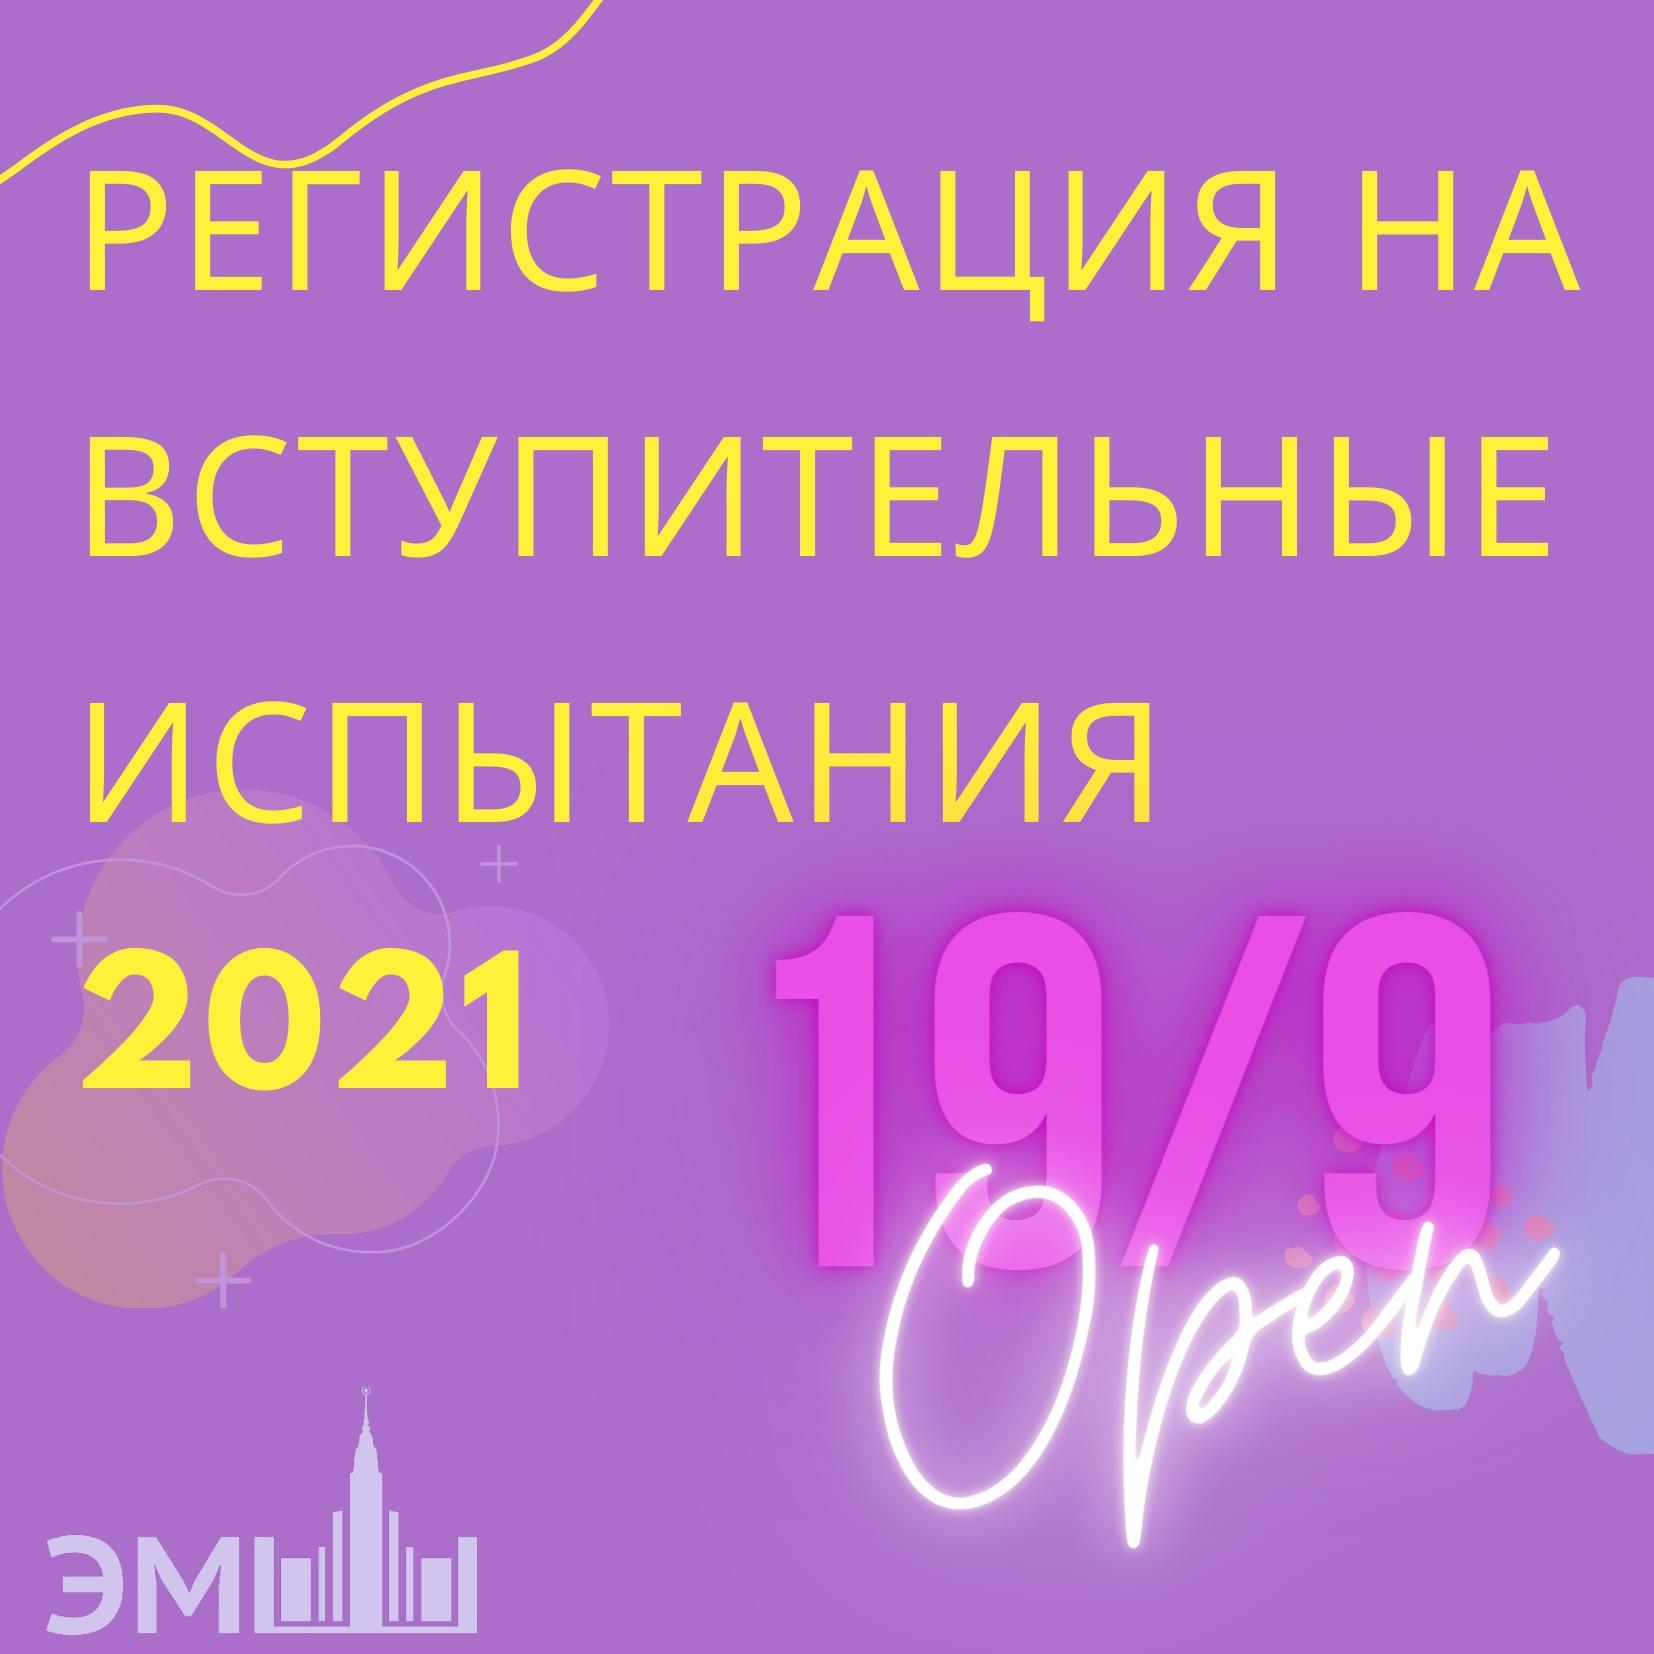 Вступительные в ЭМШ 2021